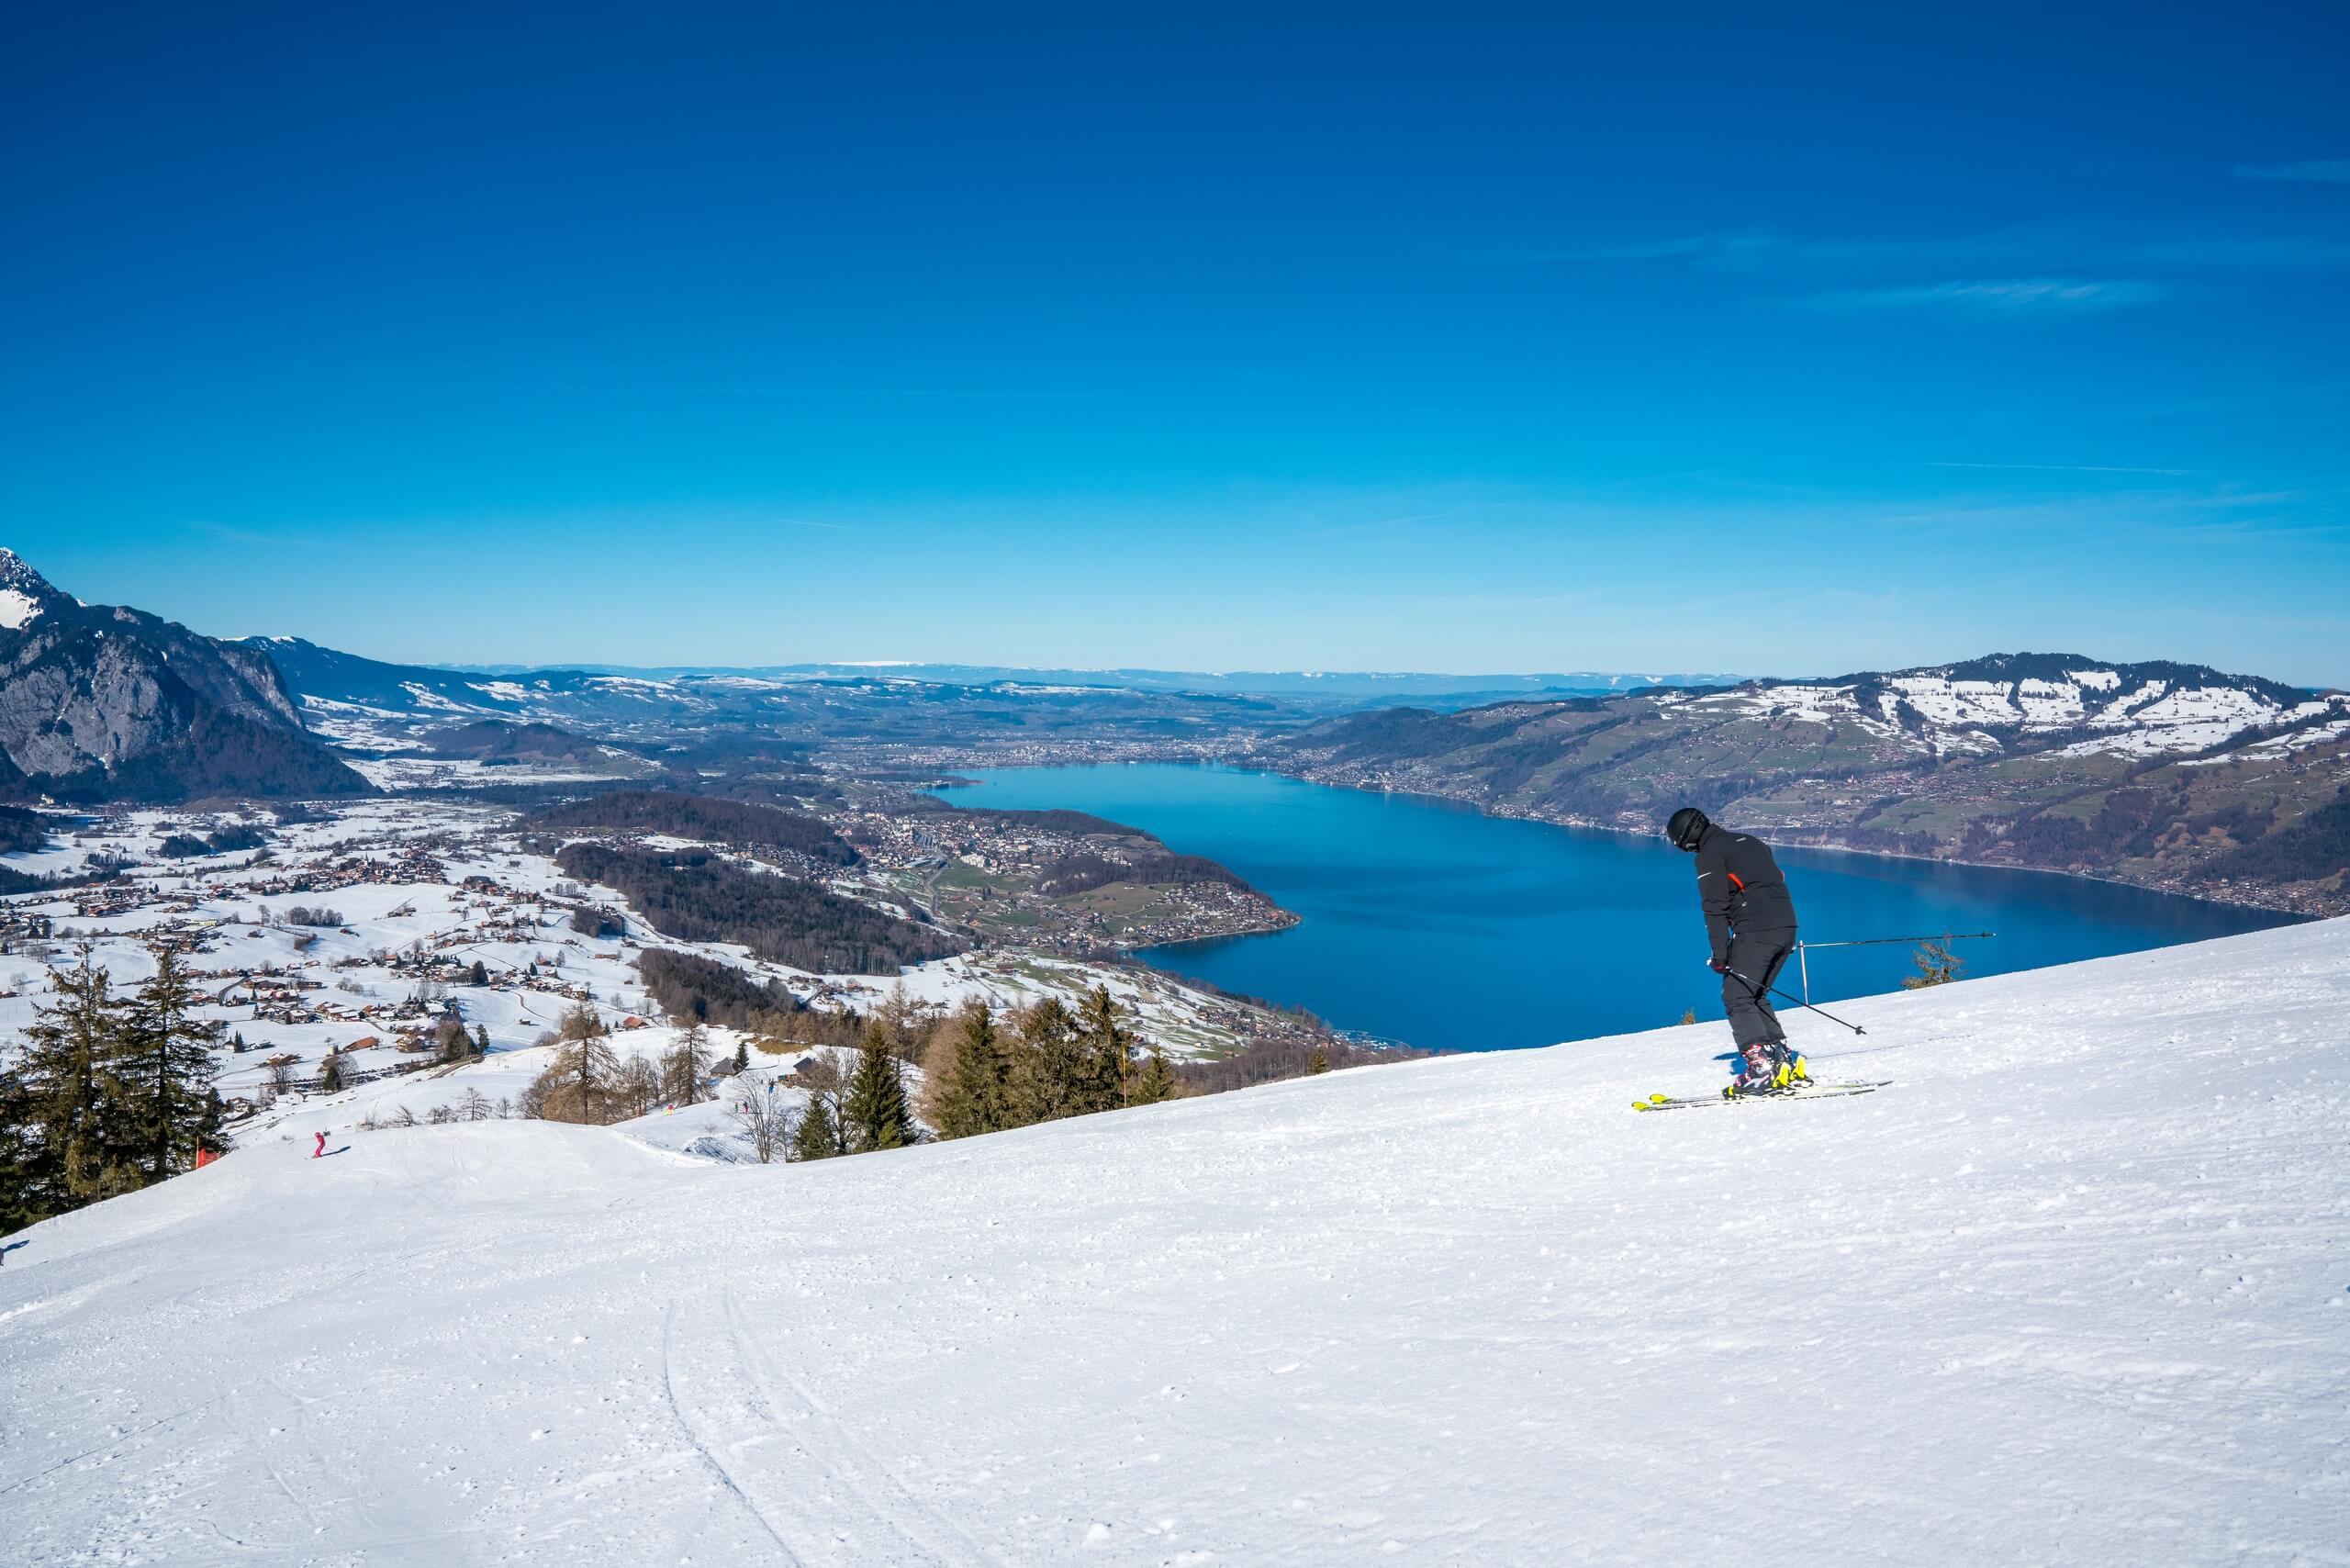 aeschi-skifahren-winter-wintersport-skigebiet